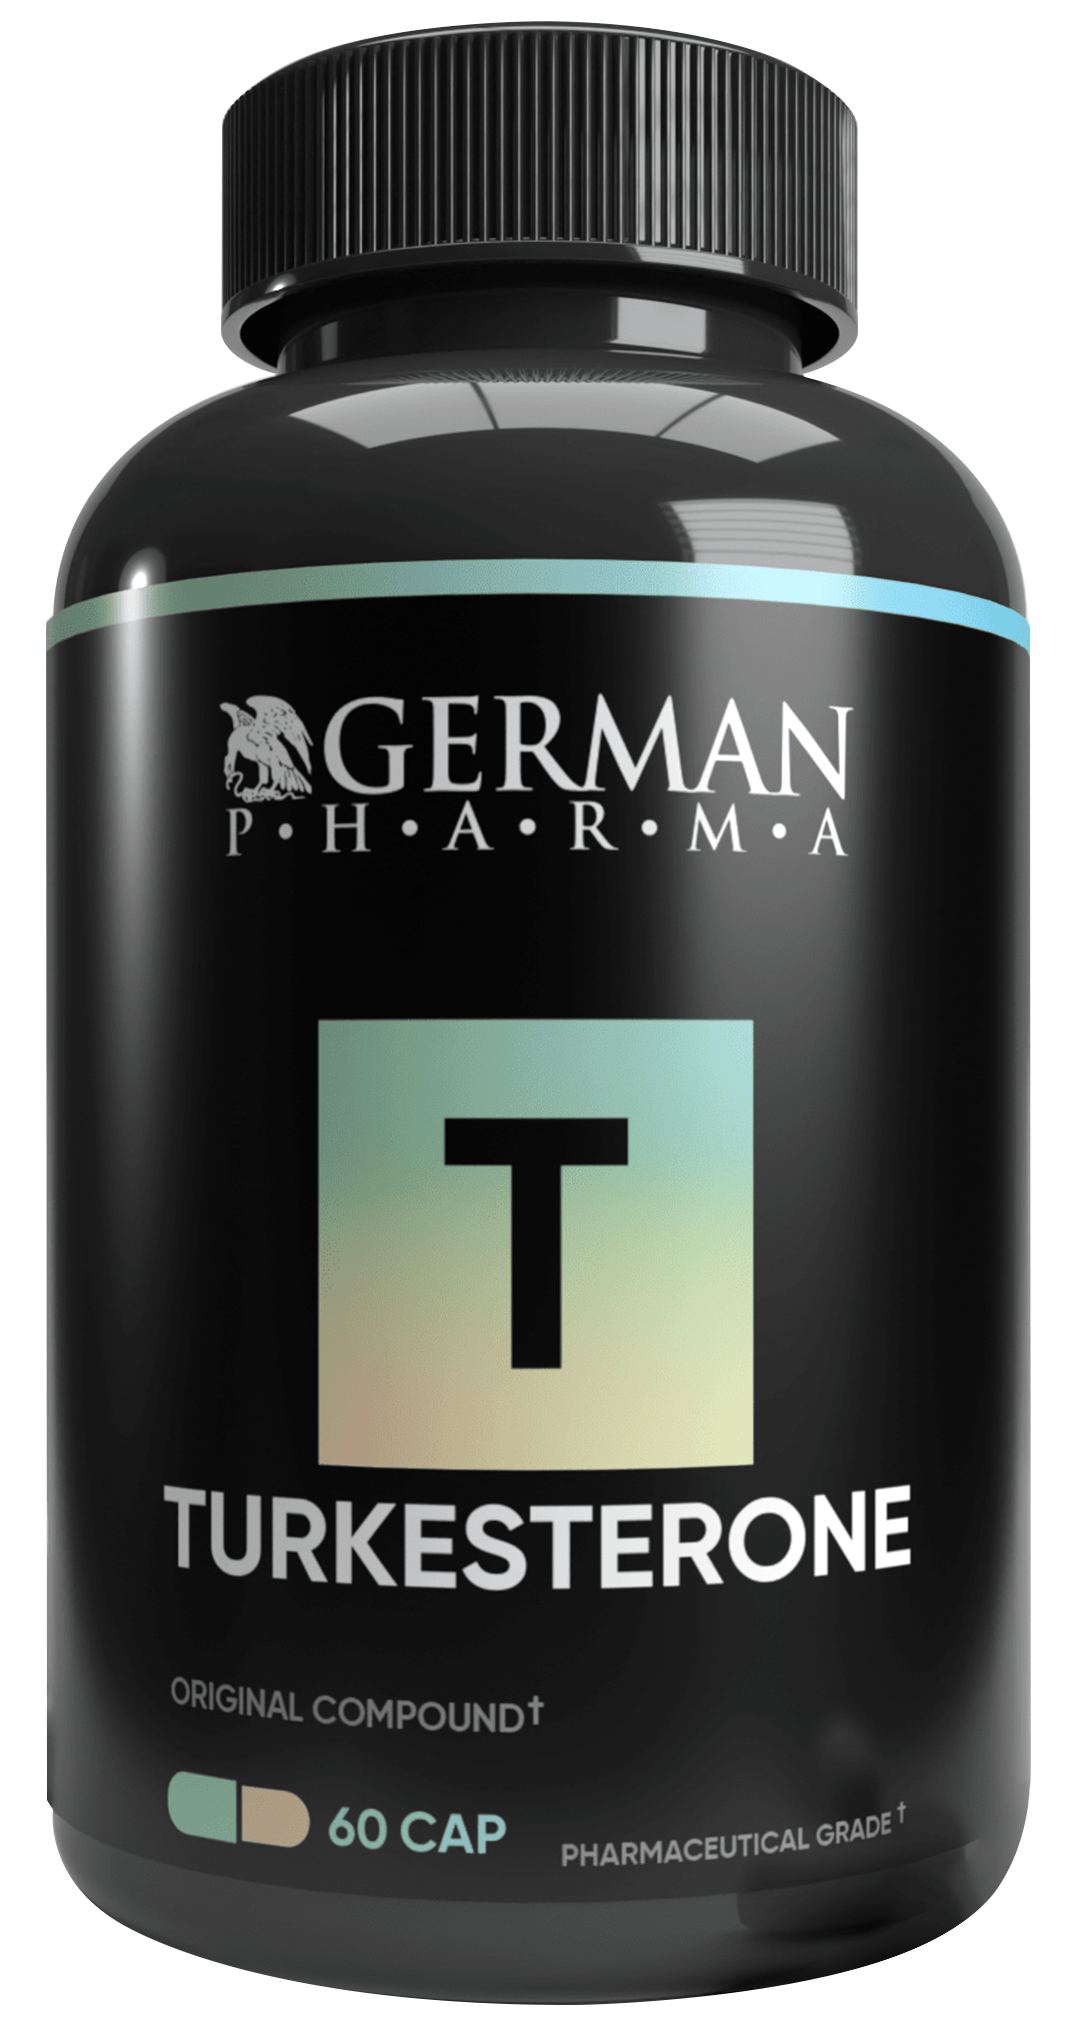 German Pharma Turkesterone (60 Servings)